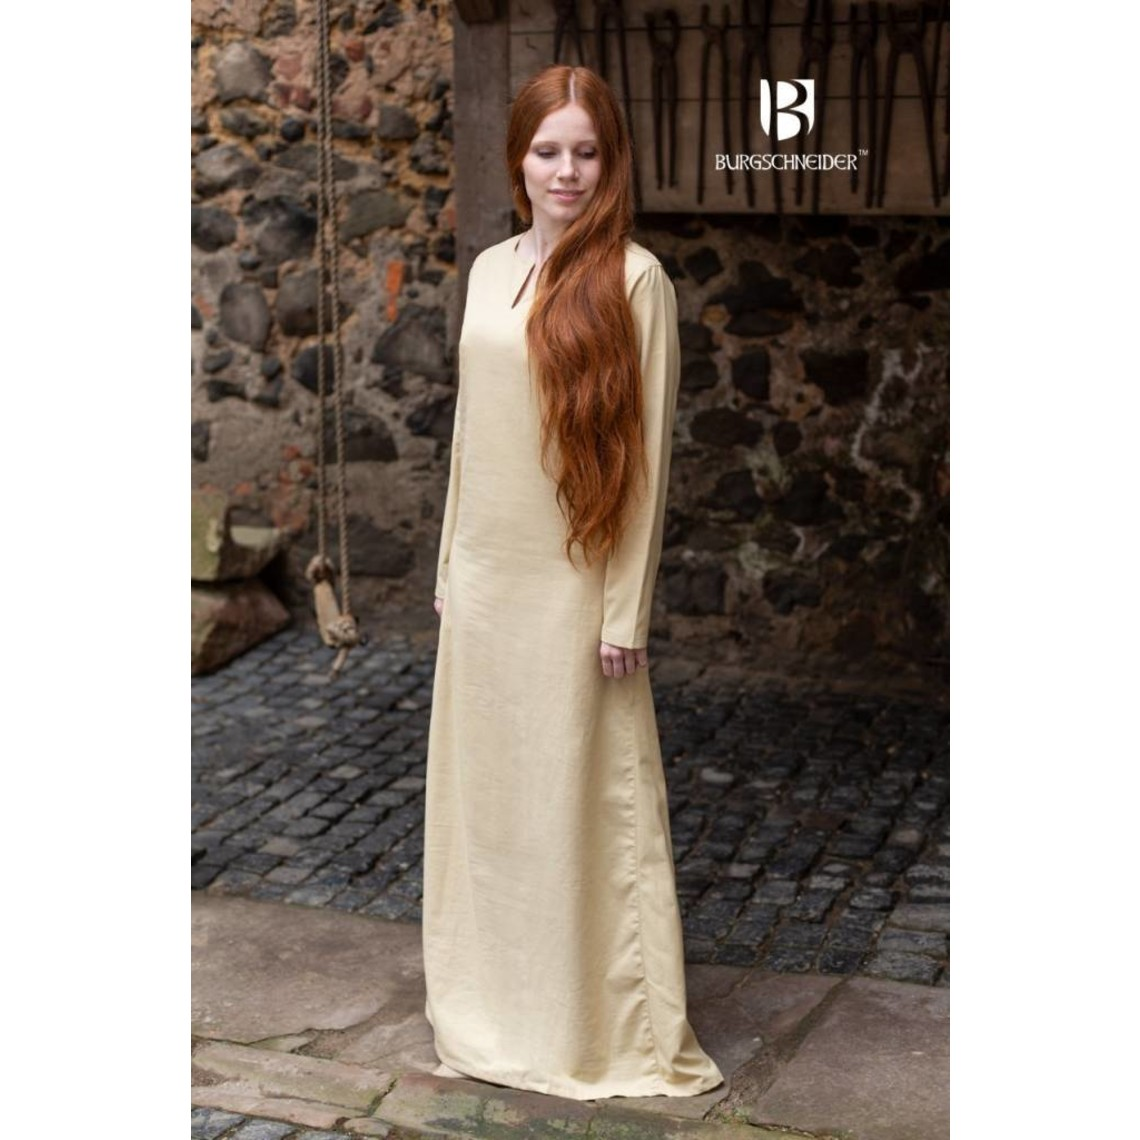 Burgschneider Middeleeuwse jurk Elisa, naturel